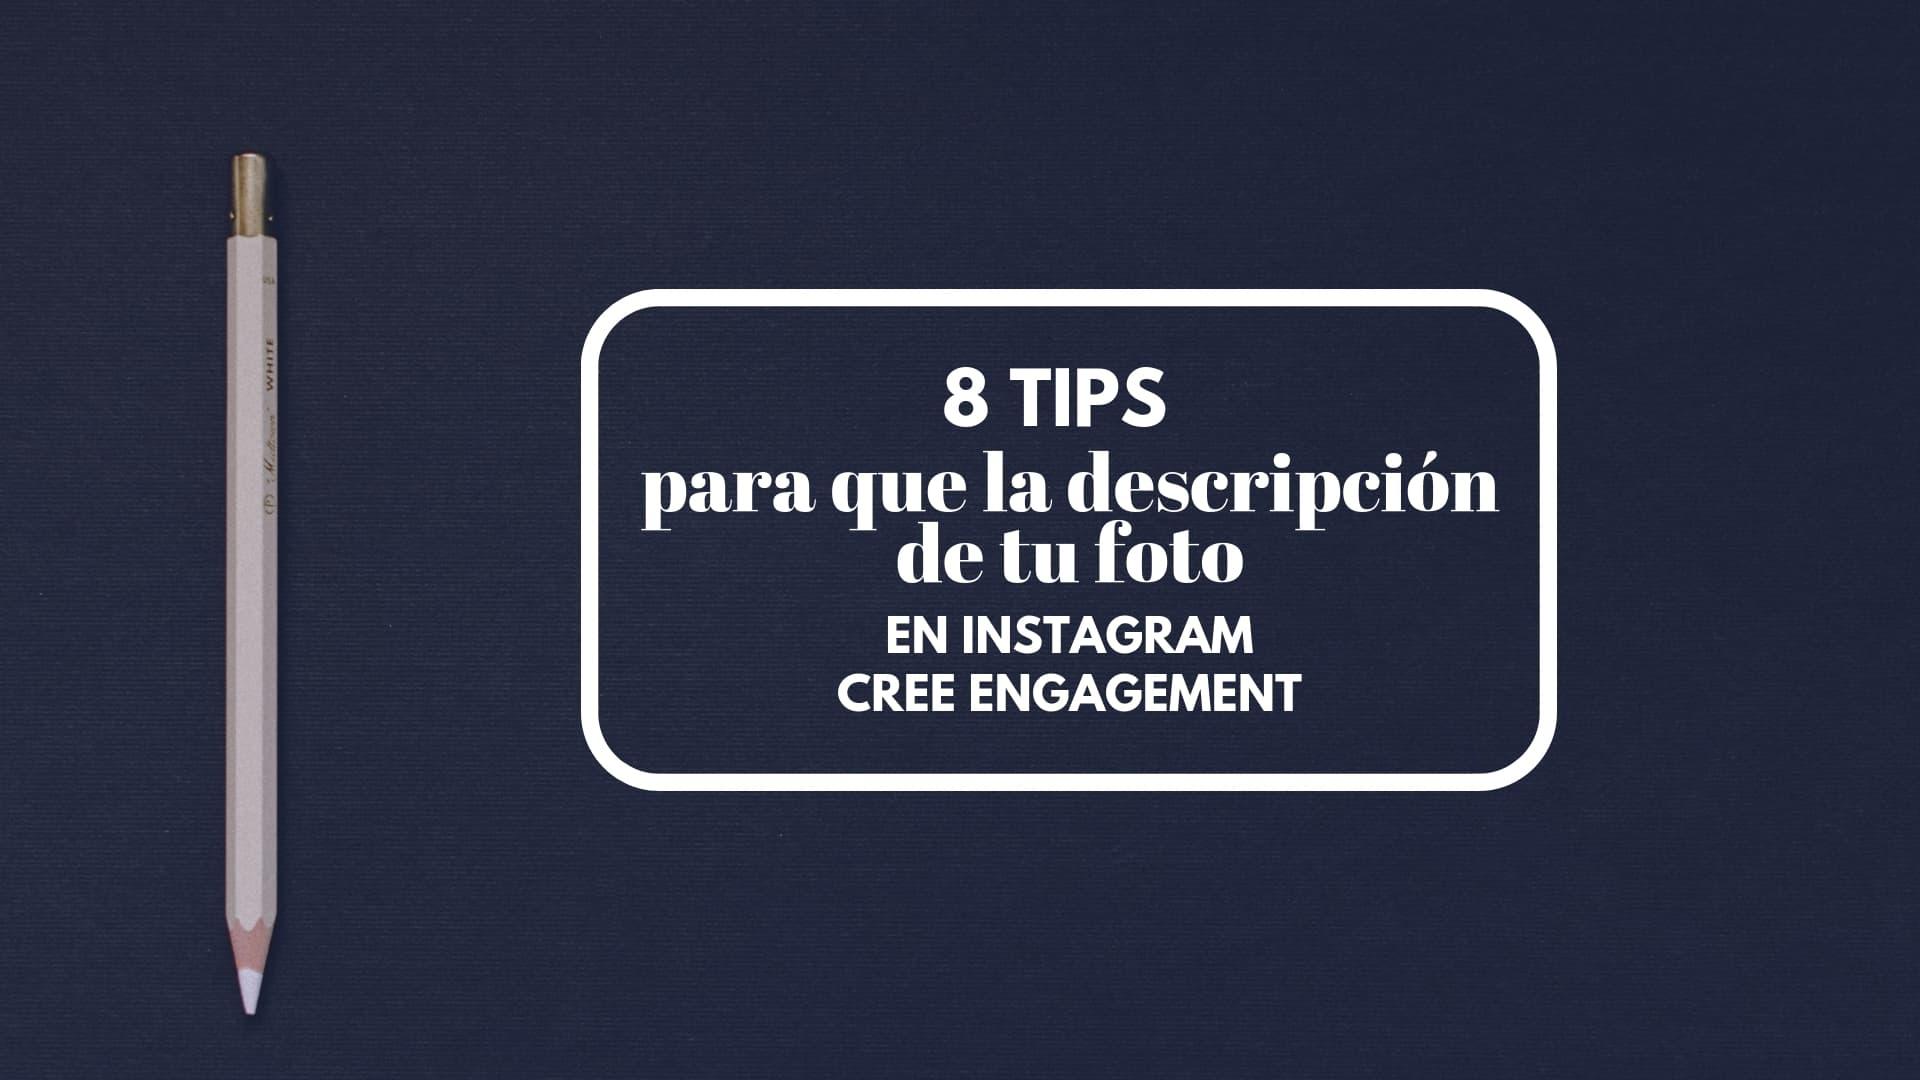 8 Tips Para Que La Descripción De Tu Foto En Instagram Cree